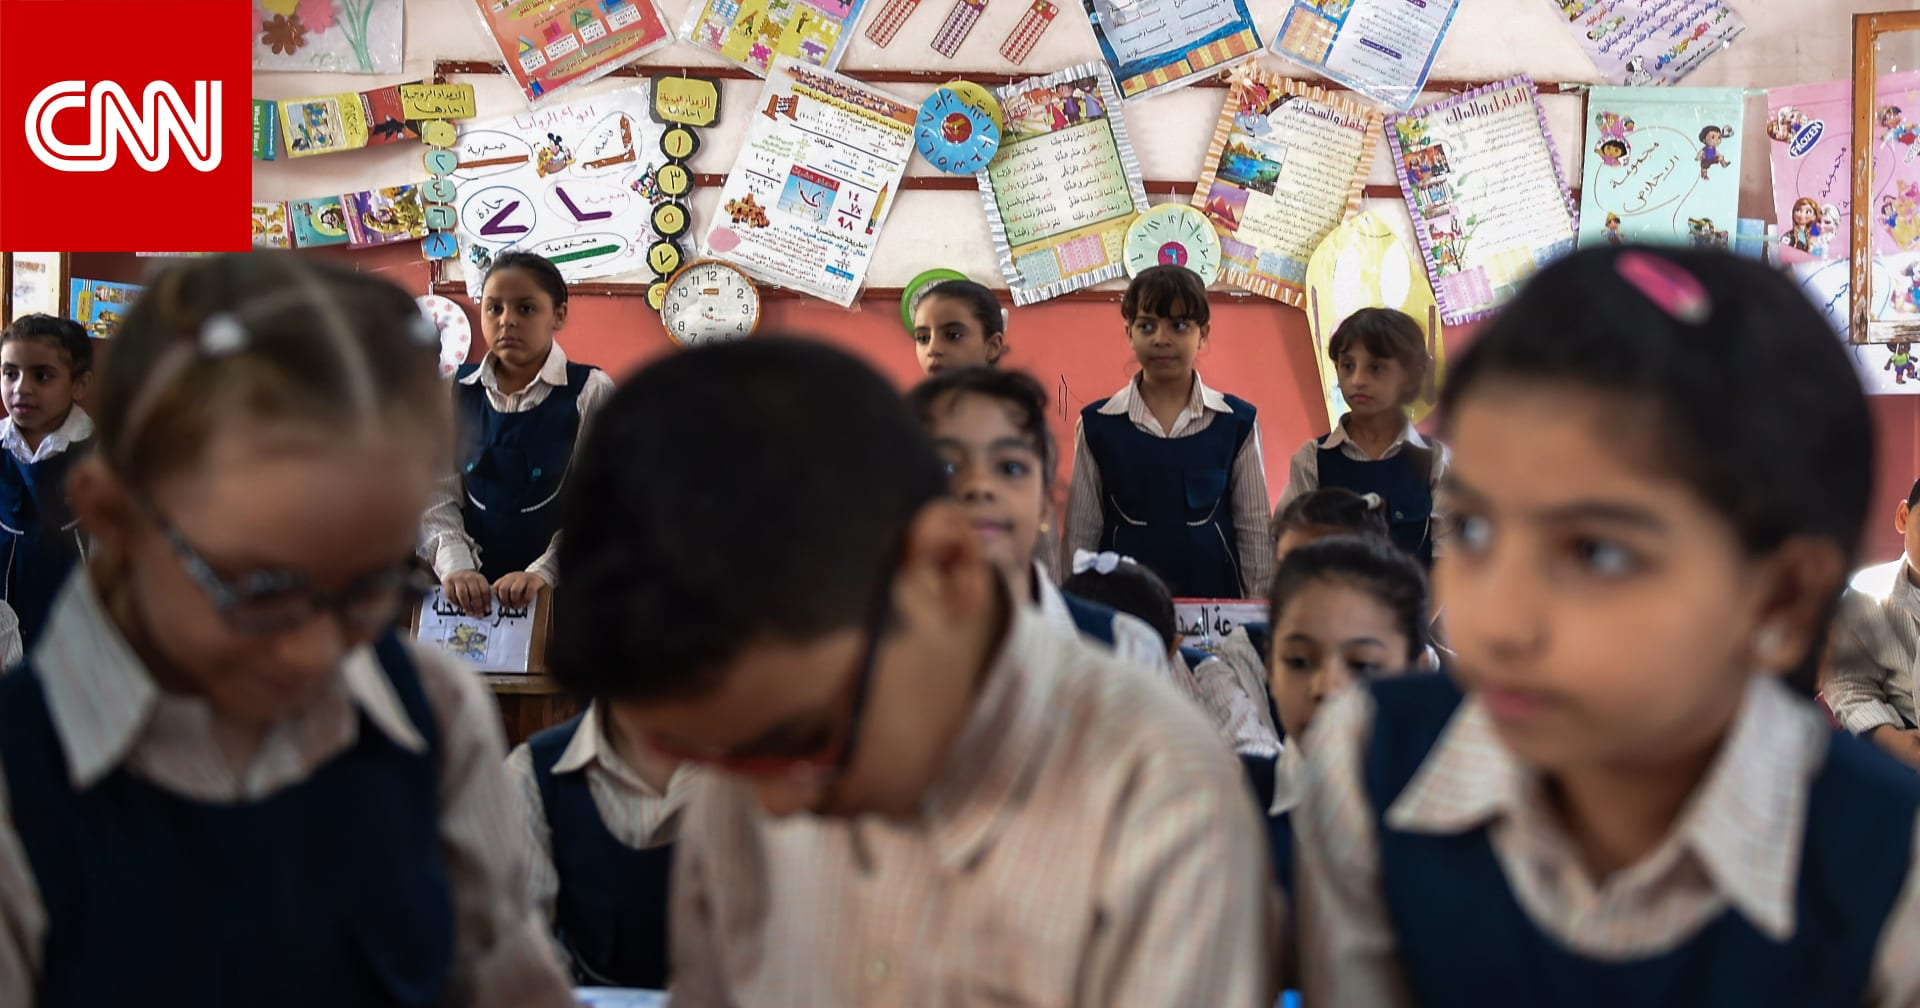 صور طلاب في مصر يفترشون الأرض أثناء الدراسة تثير ضجة.. ووزير التعليم يعلن عزل مدير المدرسة